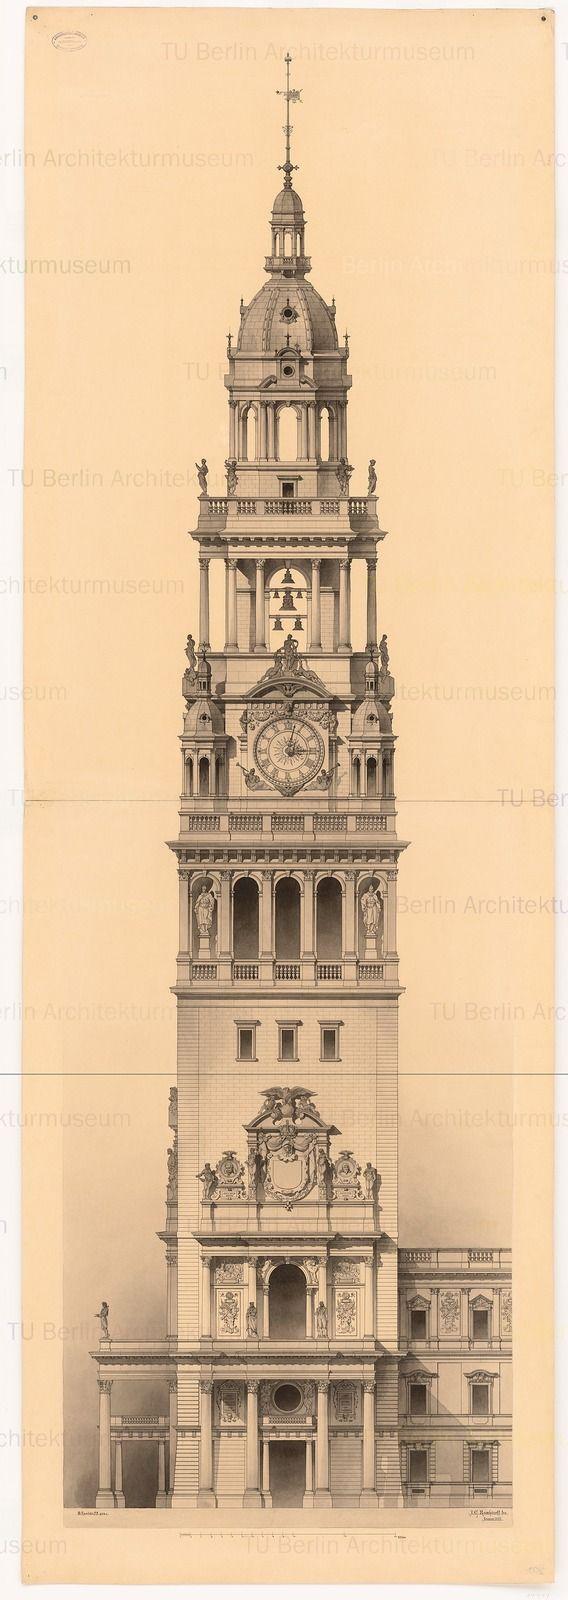 Ber ideen zu architektur zeichnungen auf pinterest - Architektur zeichnen ...